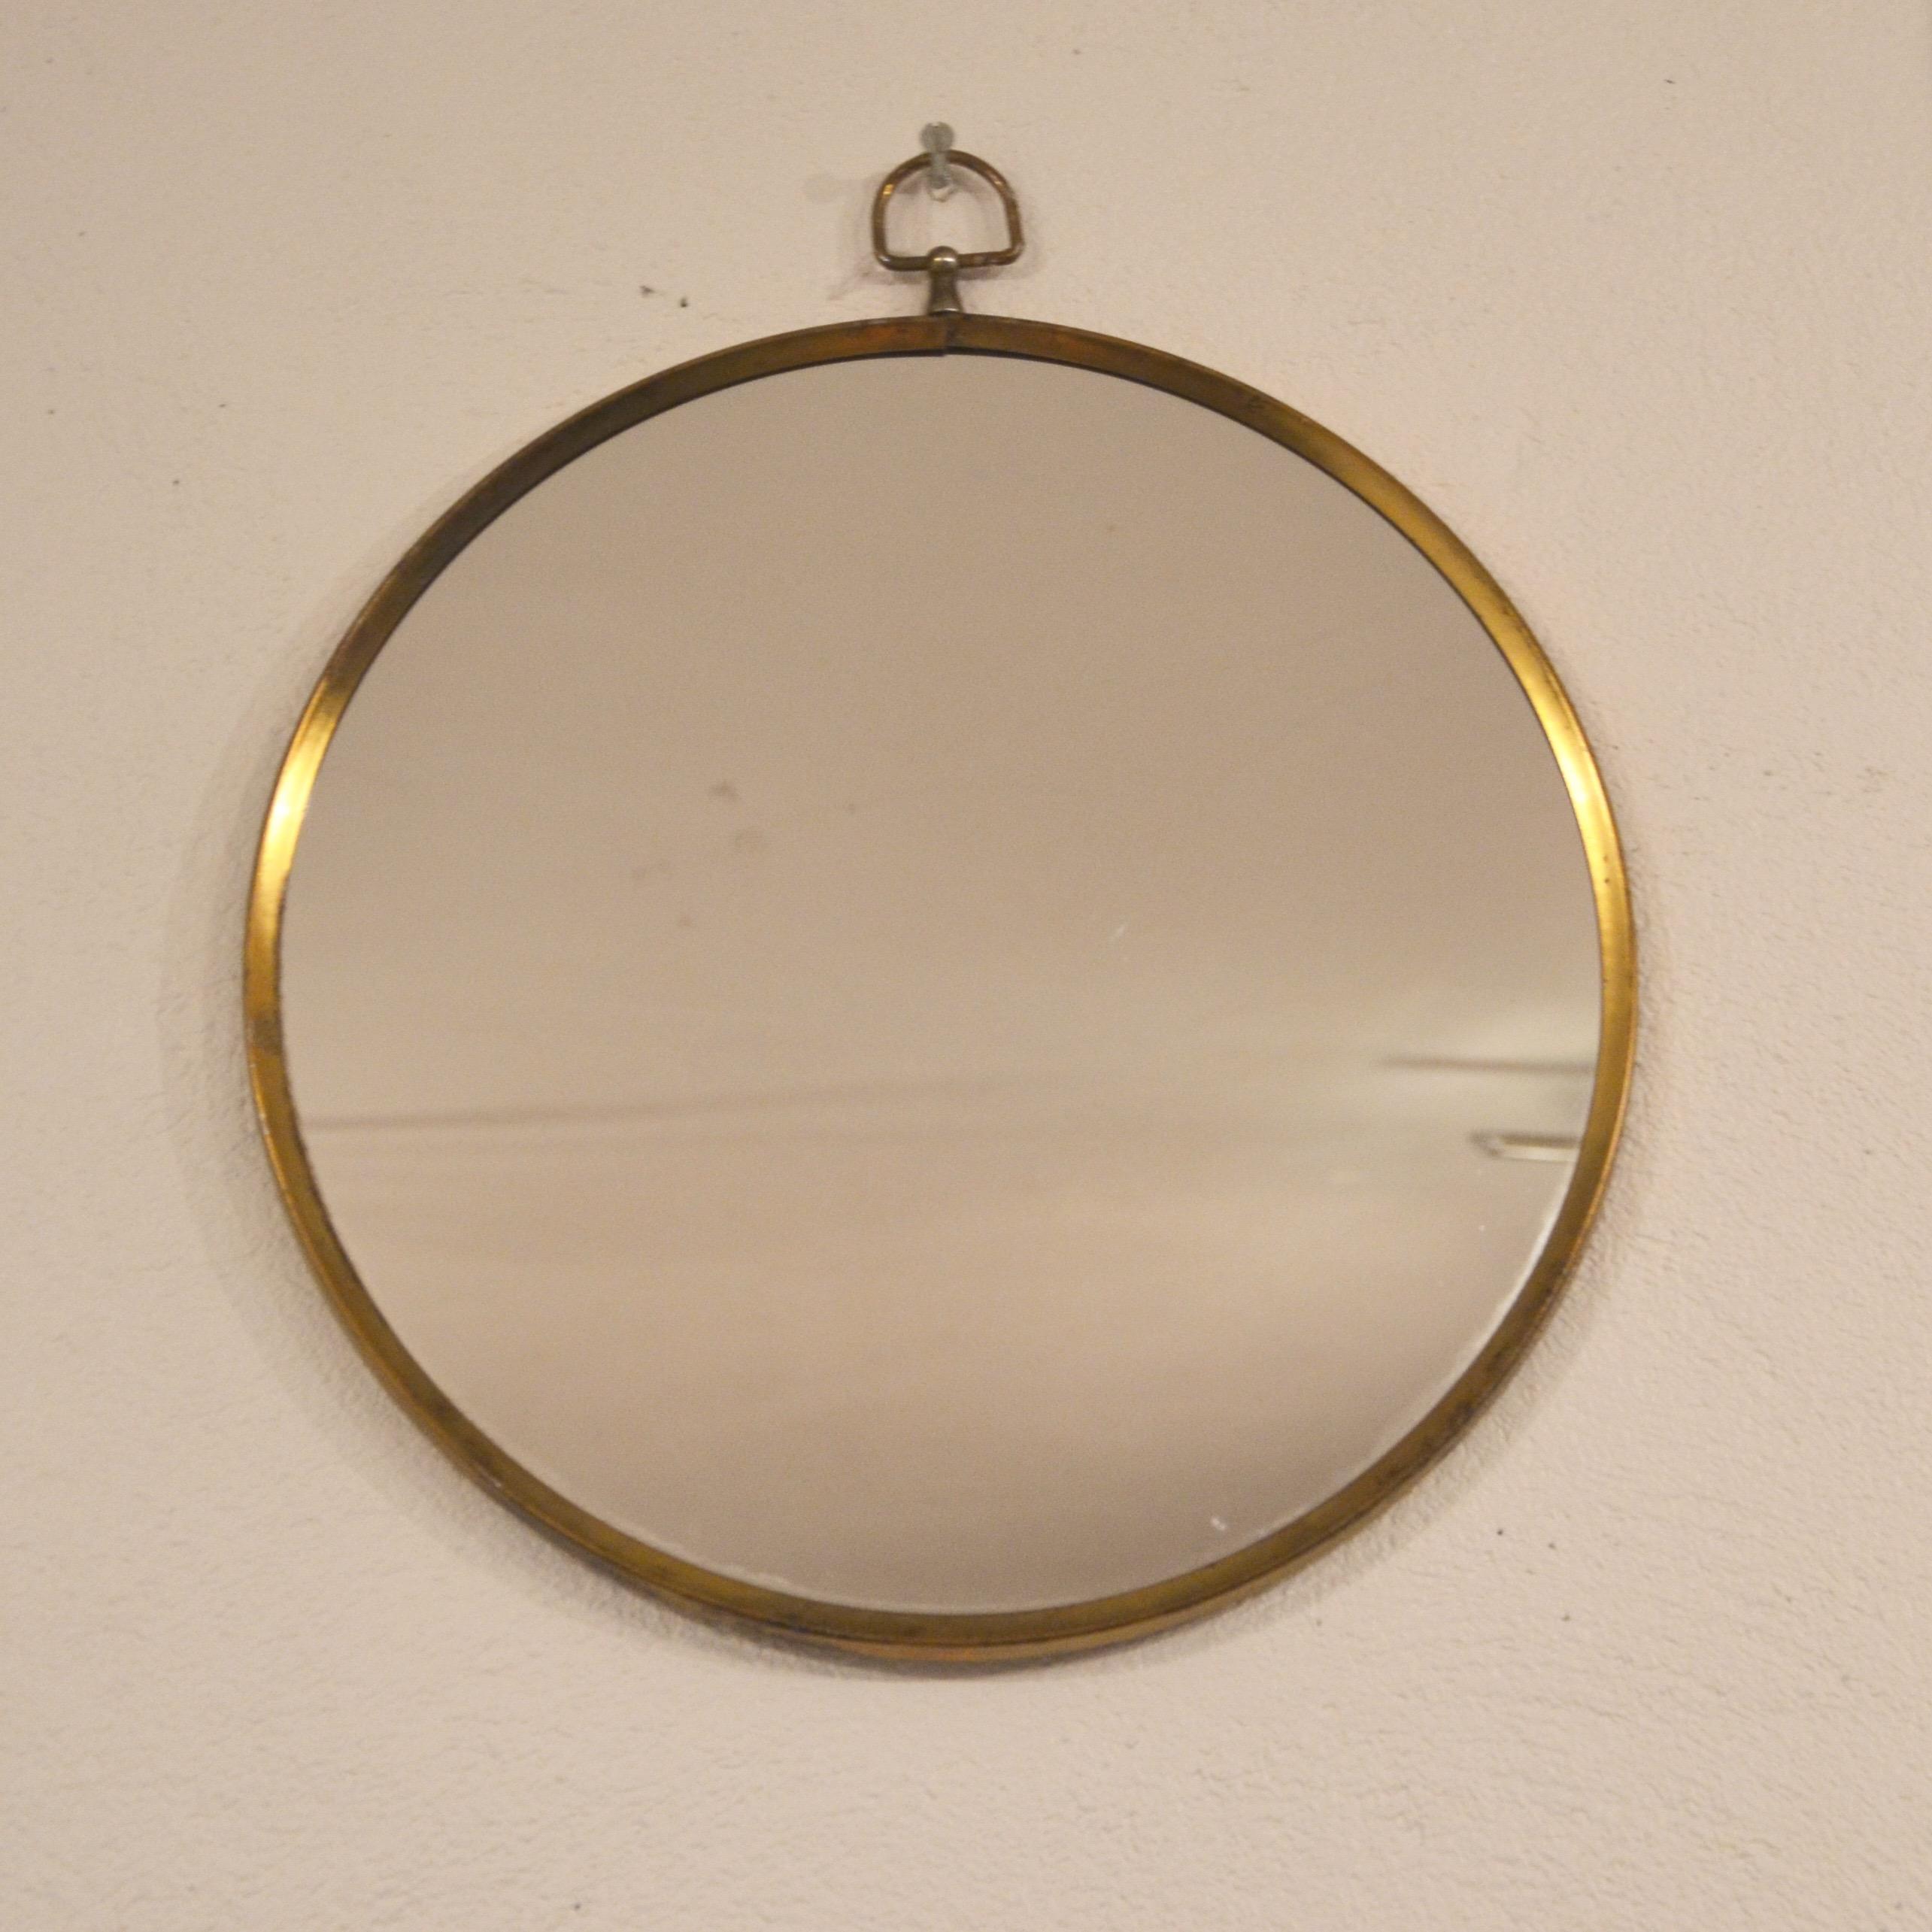 Miroir Rond Laiton : miroir rond cercl de laiton bindiesbindies ~ Teatrodelosmanantiales.com Idées de Décoration